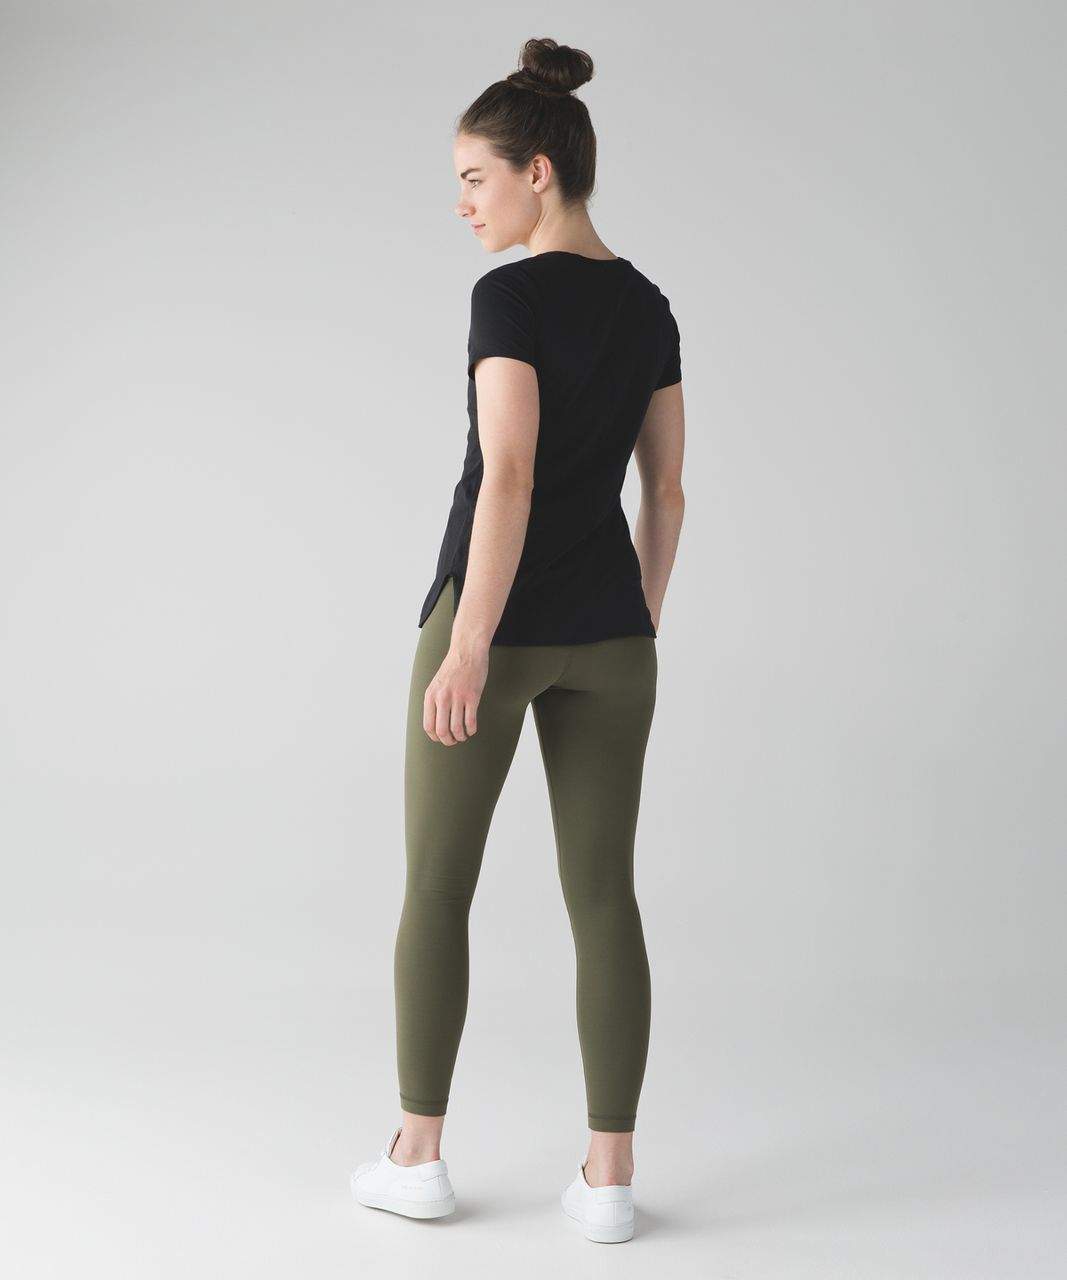 Lululemon Align Pant II - Fatigue Green